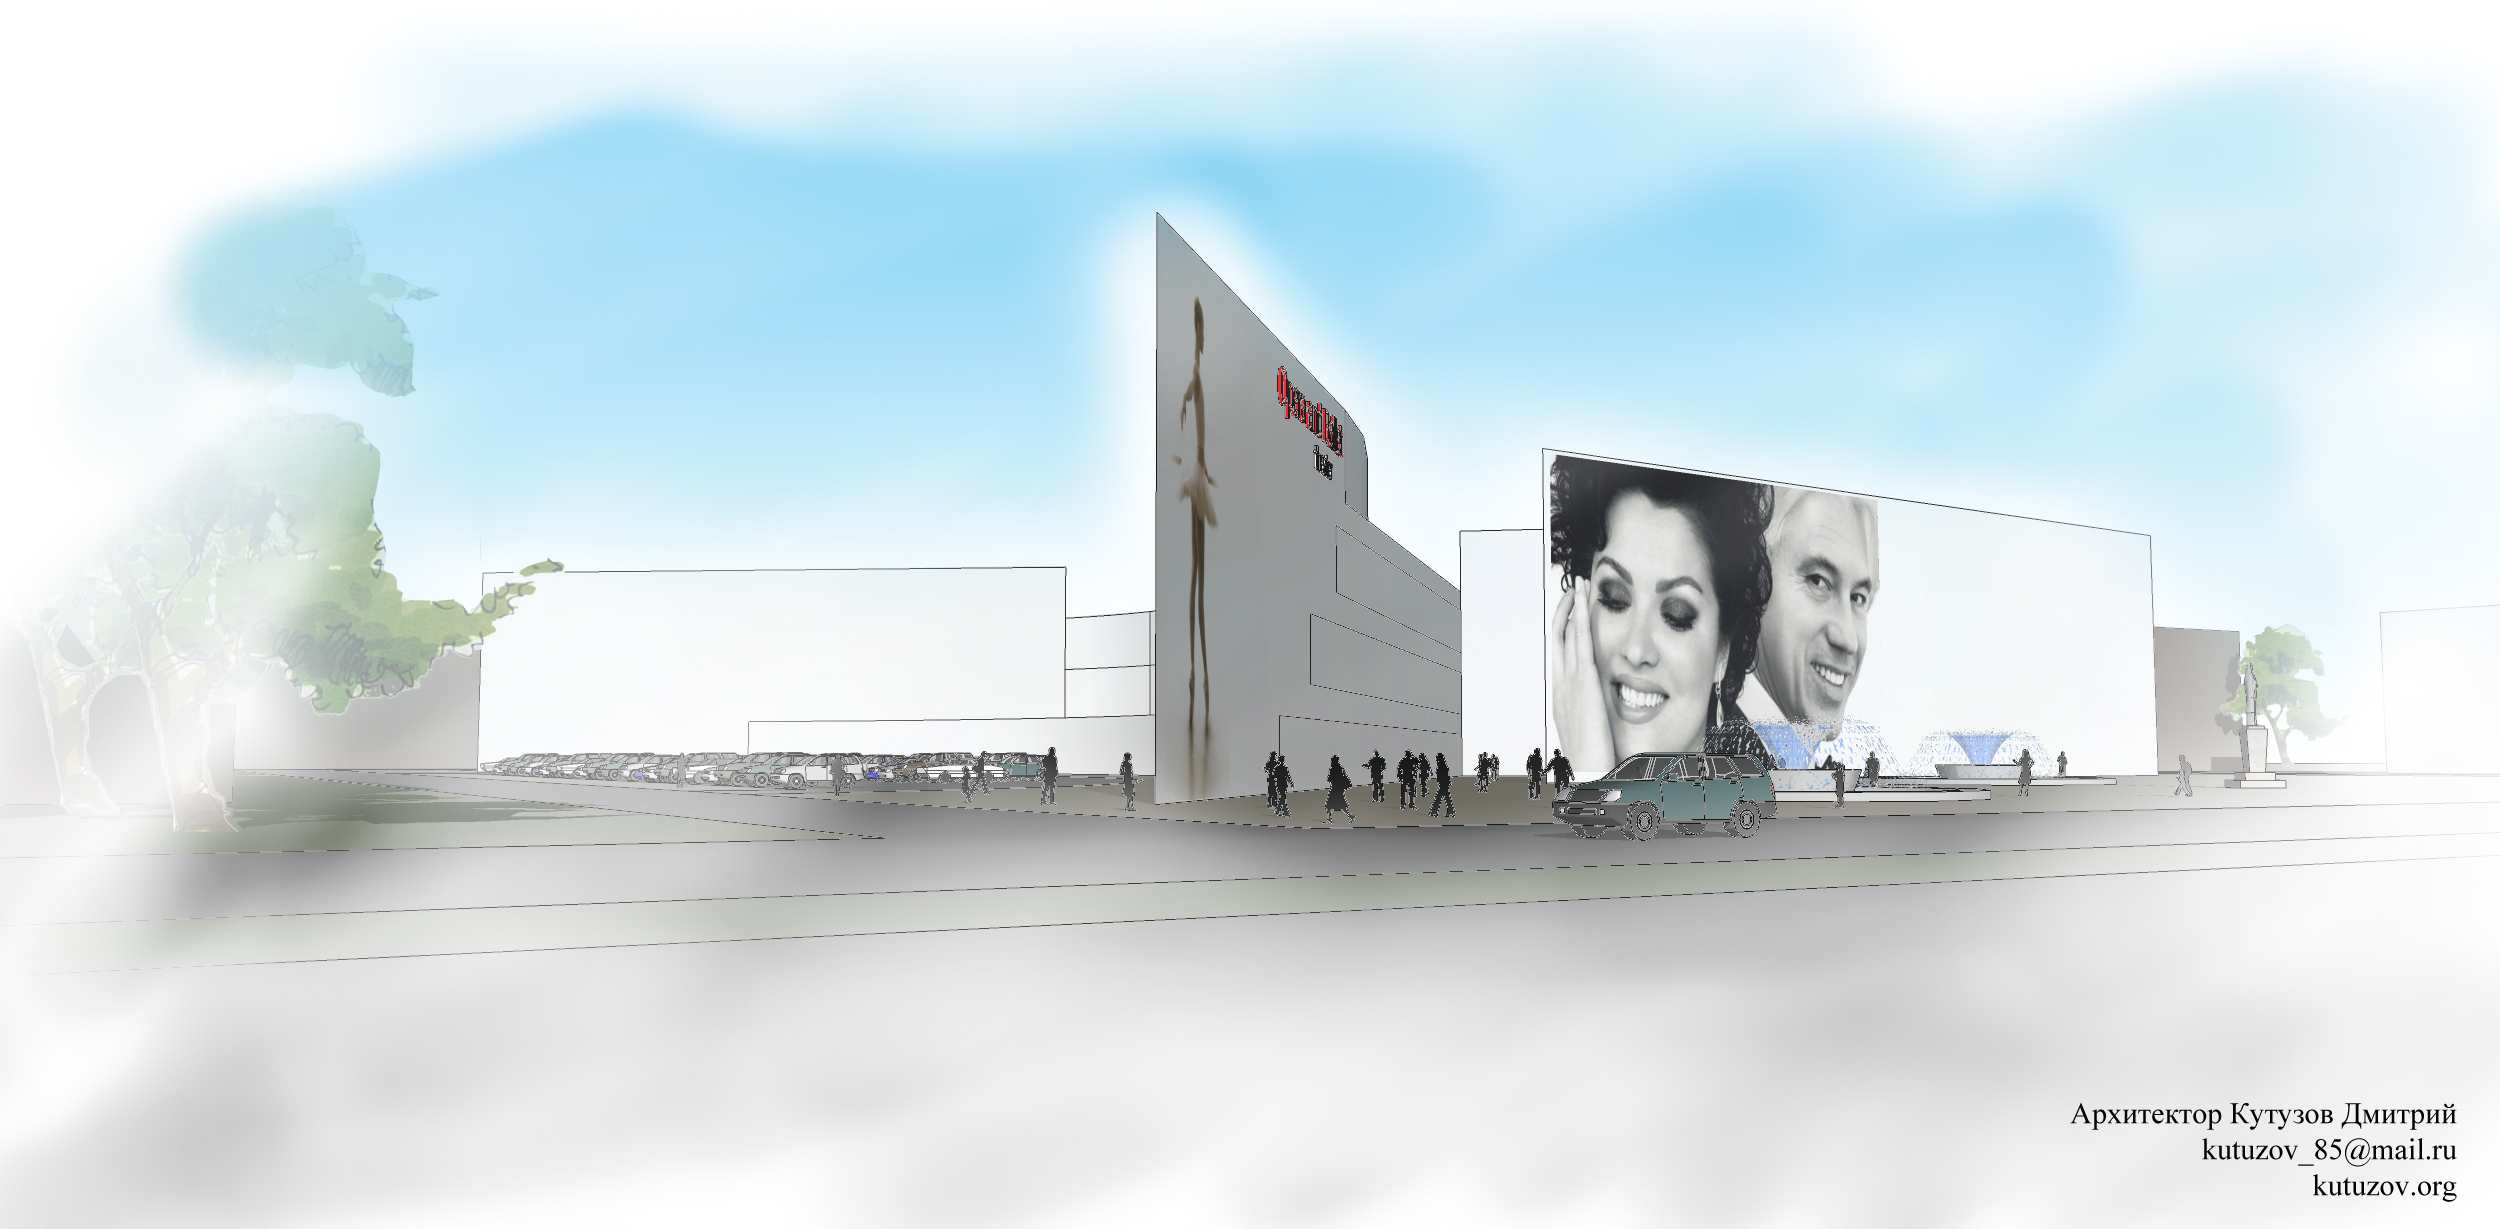 Разработка архитектурной концепции театра оперы и балета фото f_73952ea1277dd200.jpg